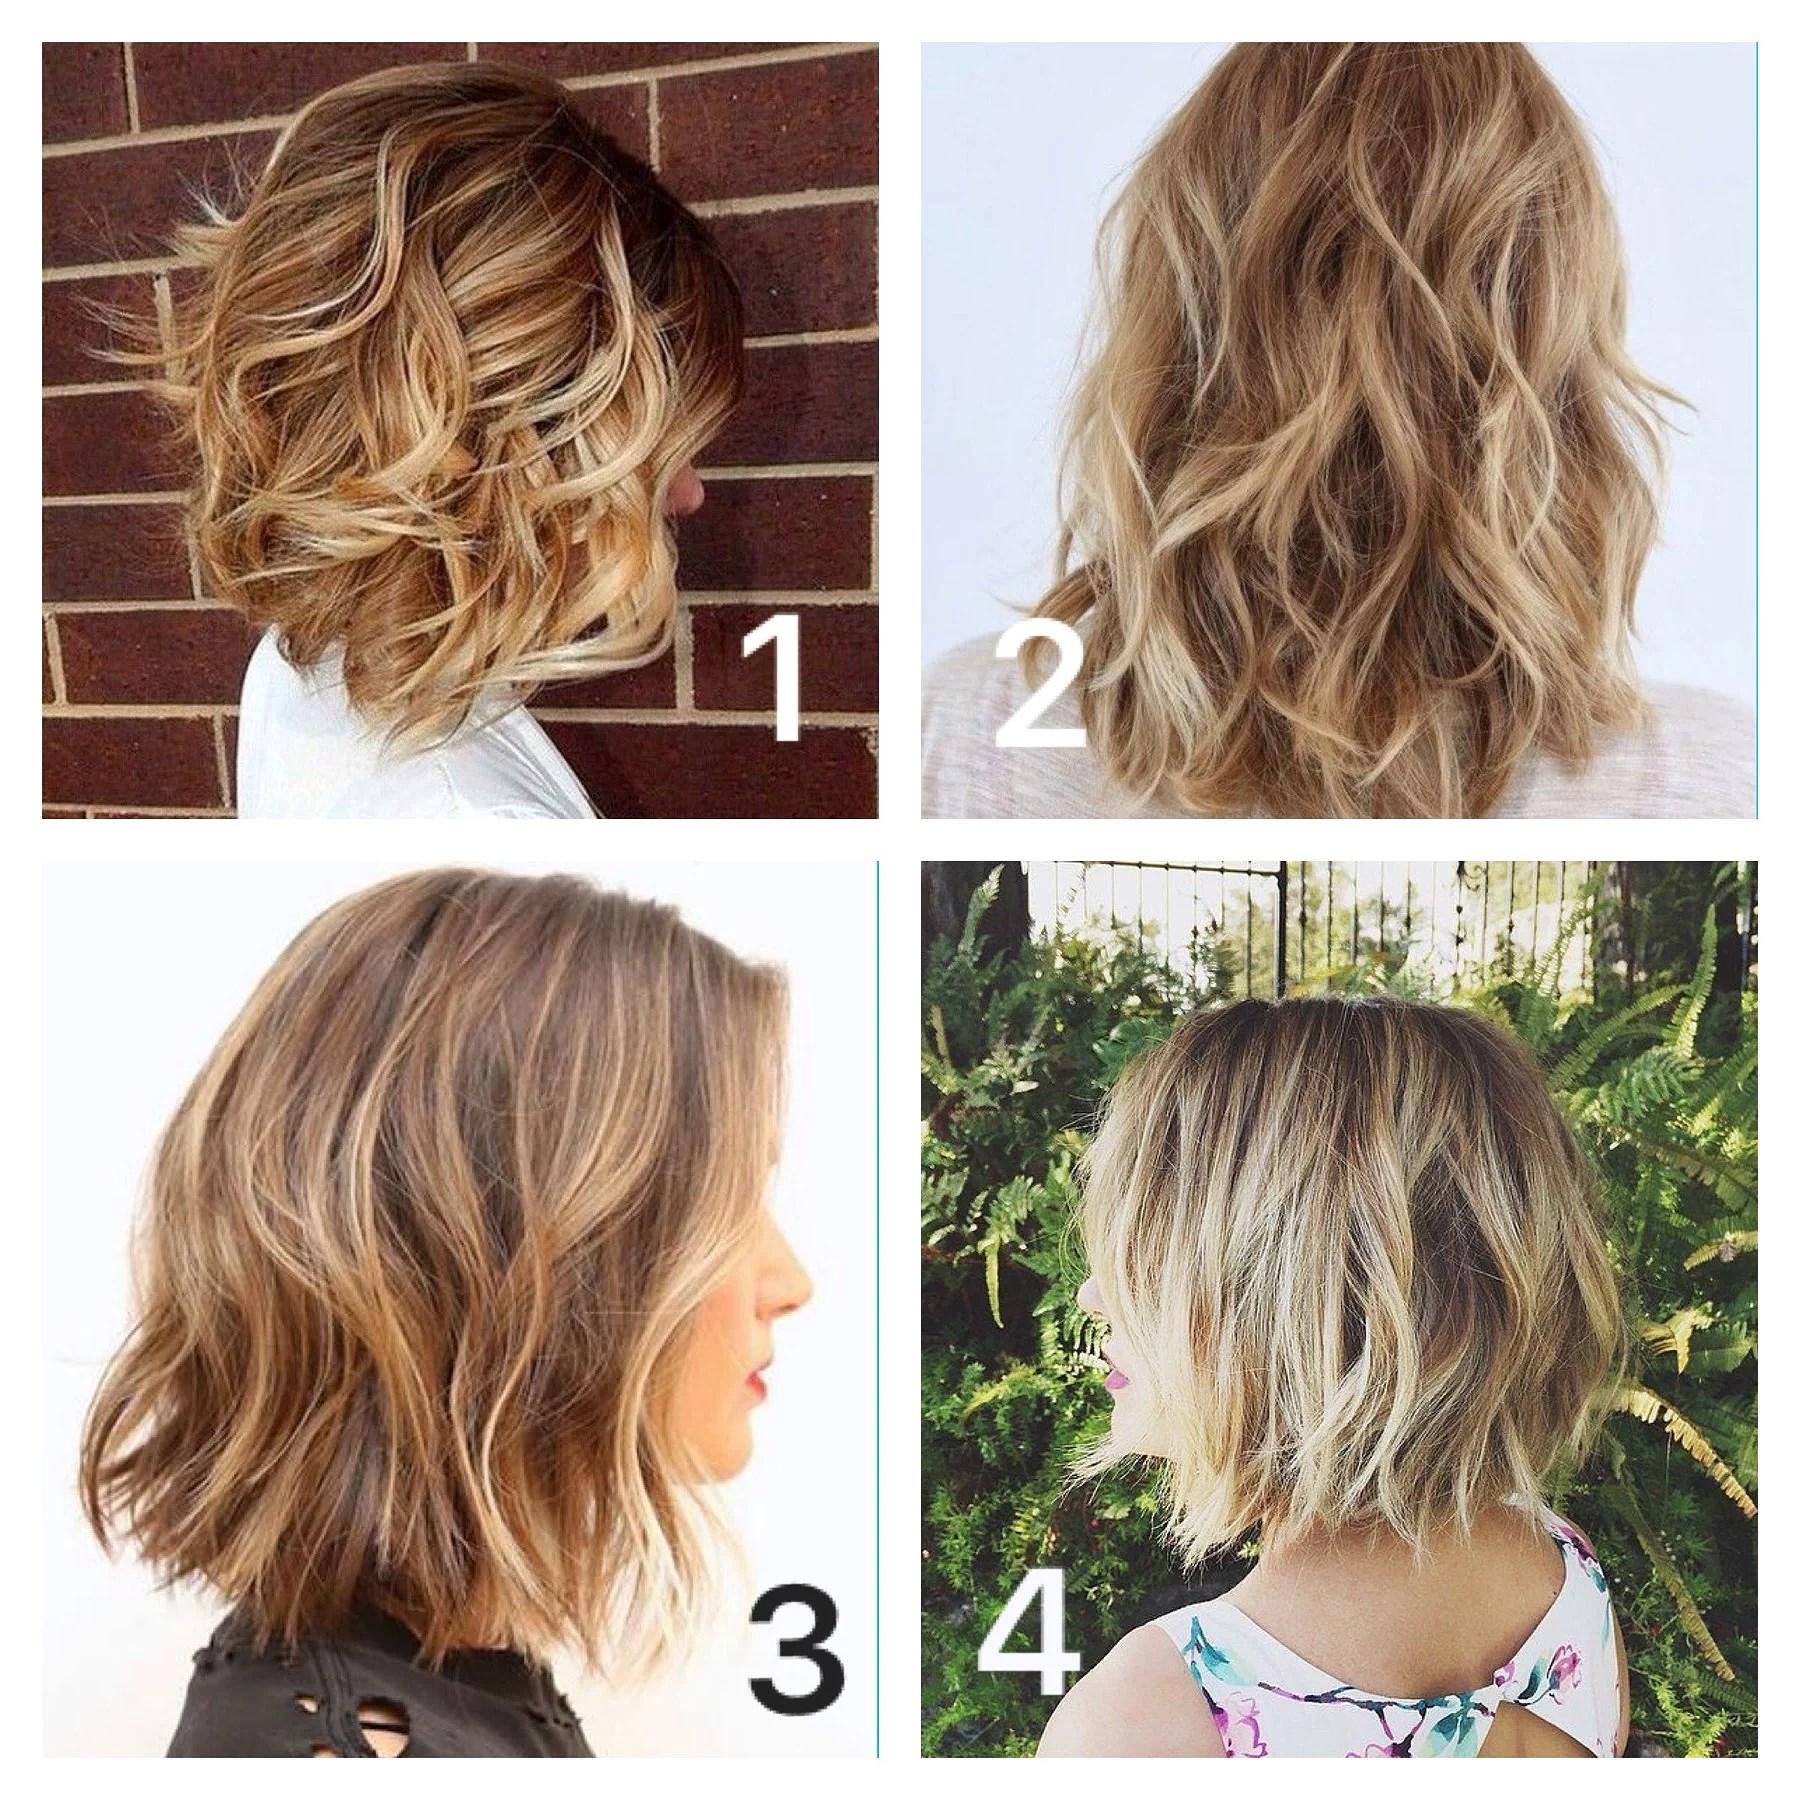 Vad ska jag välja? Help please